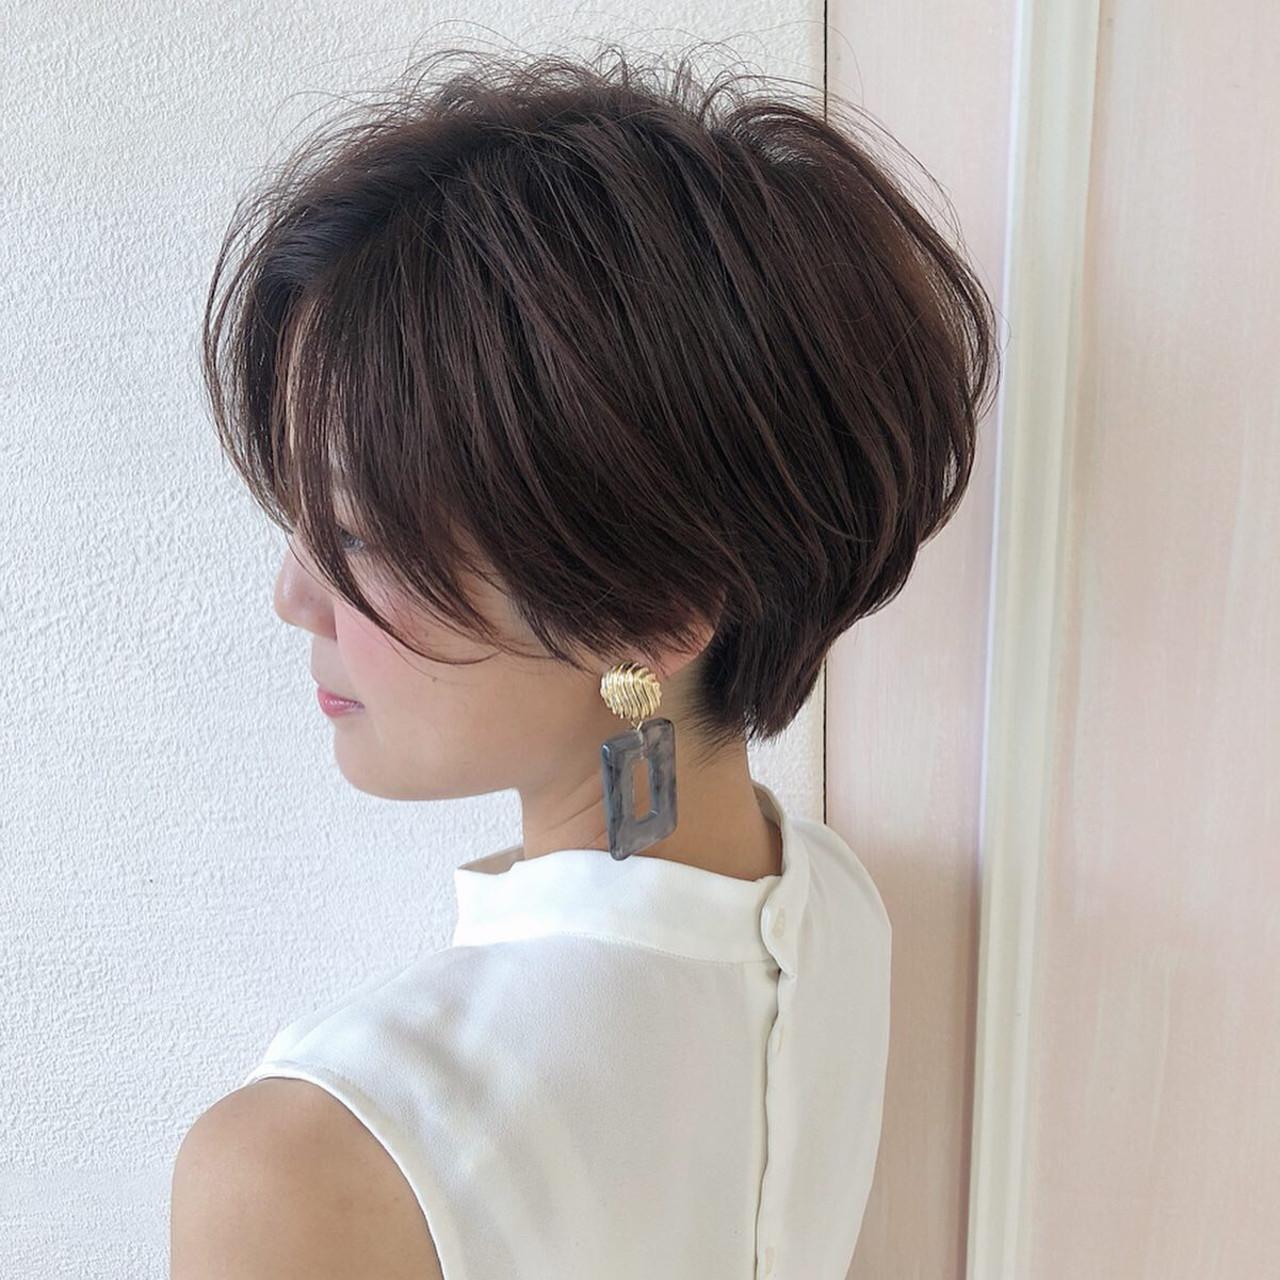 ショートヘア ハンサムショート ショート ナチュラル ヘアスタイルや髪型の写真・画像 | 島本 涼雅 / Lond damaskRose